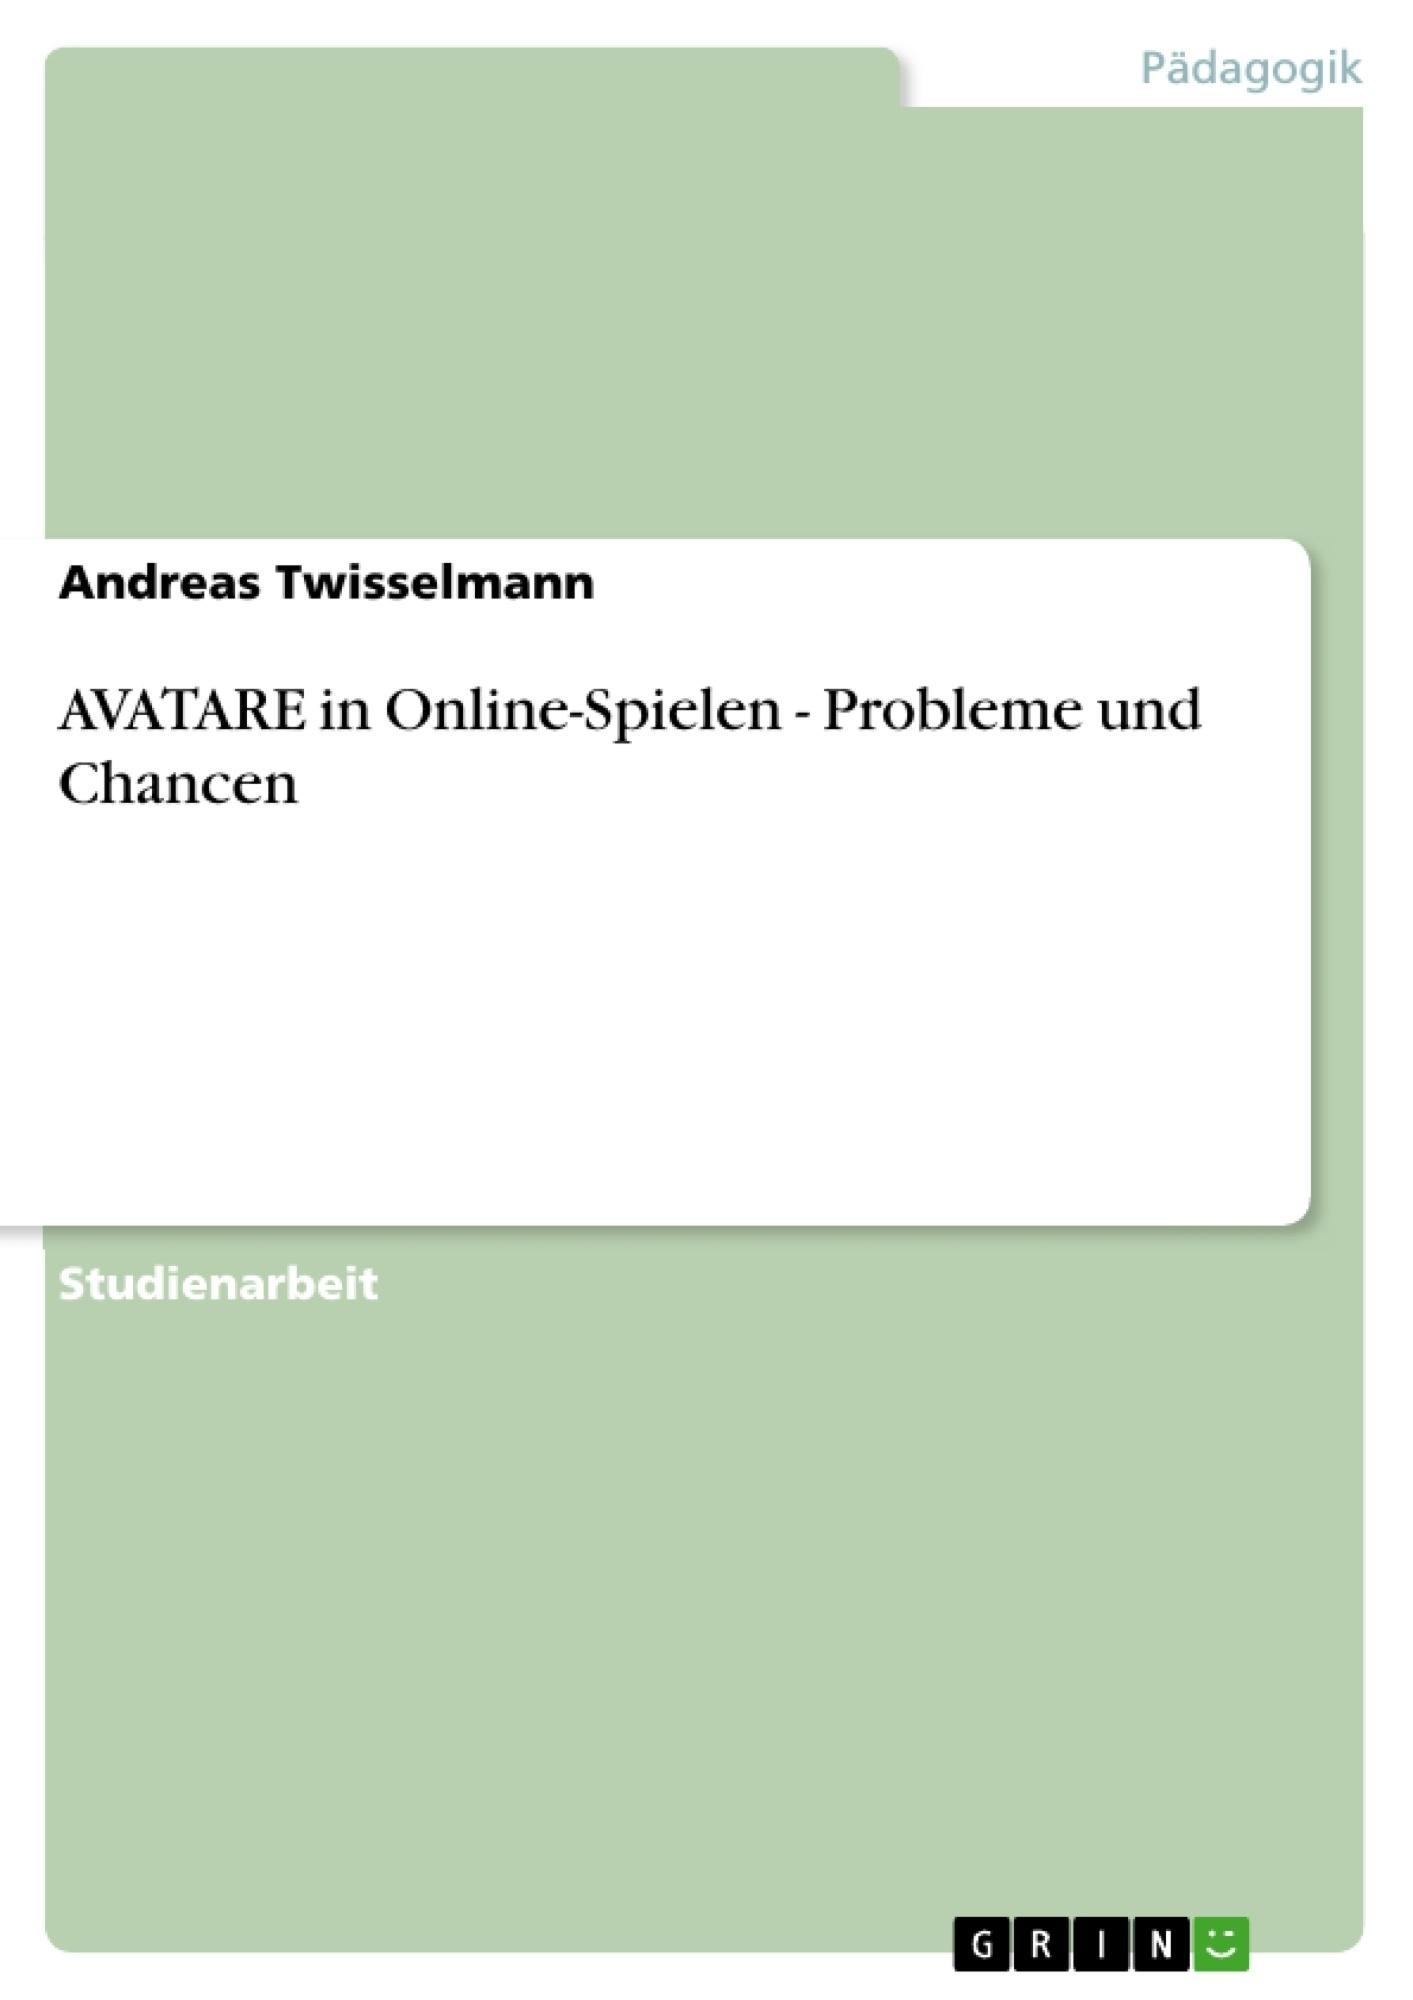 Titel: AVATARE in Online-Spielen - Probleme und Chancen